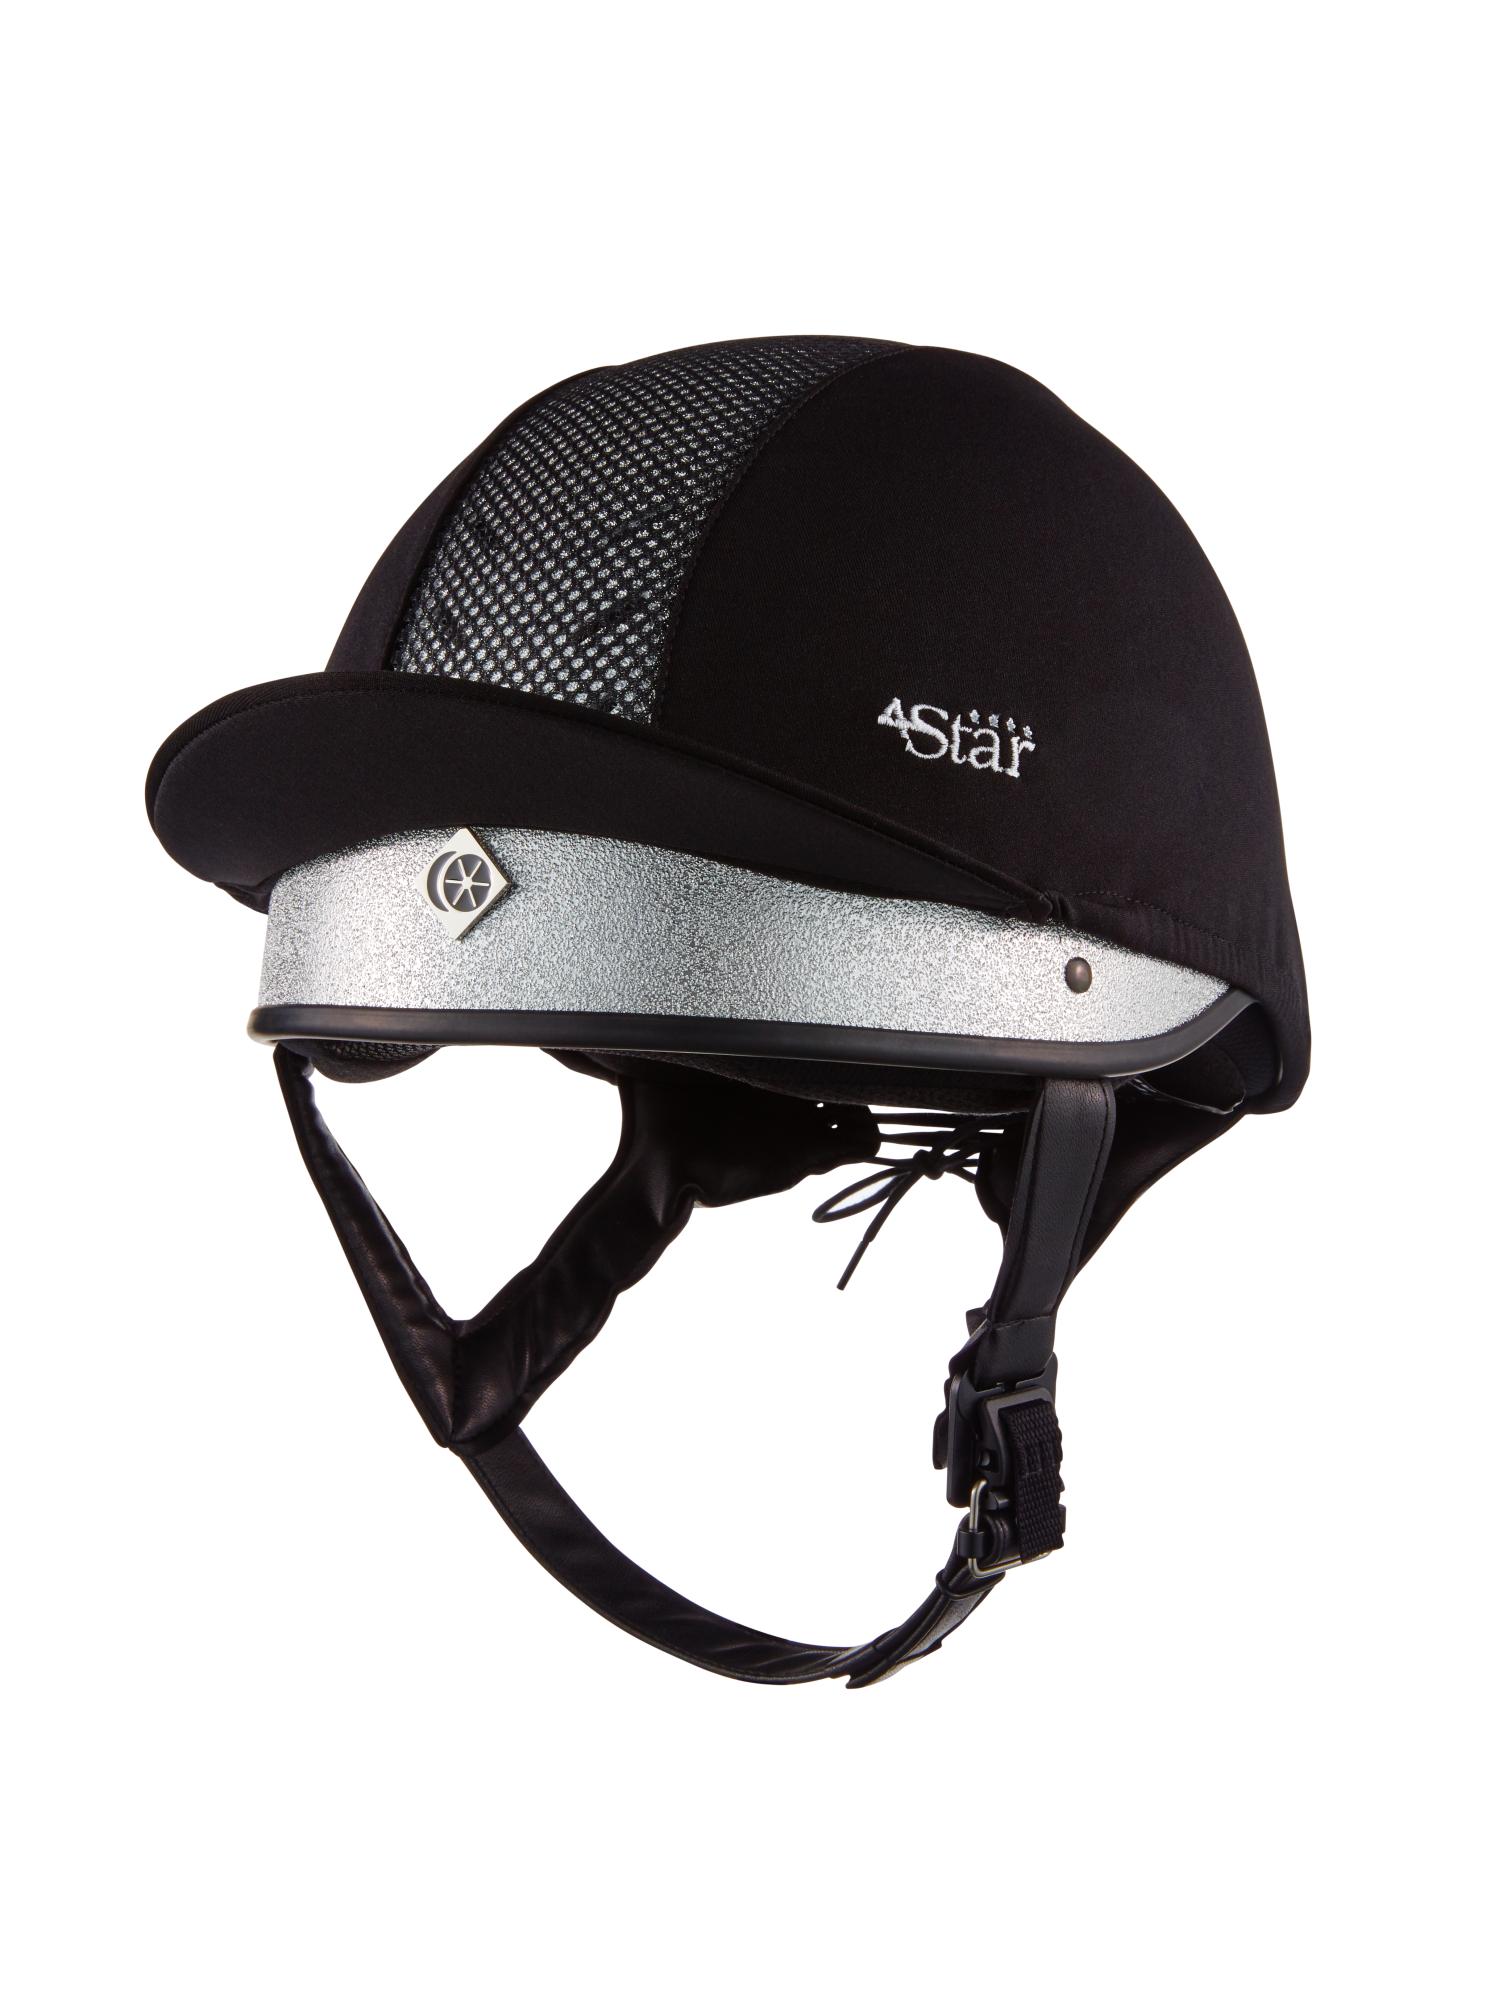 Charles-Owen-4-Star-Jockey-Riding-Helmet-Silver